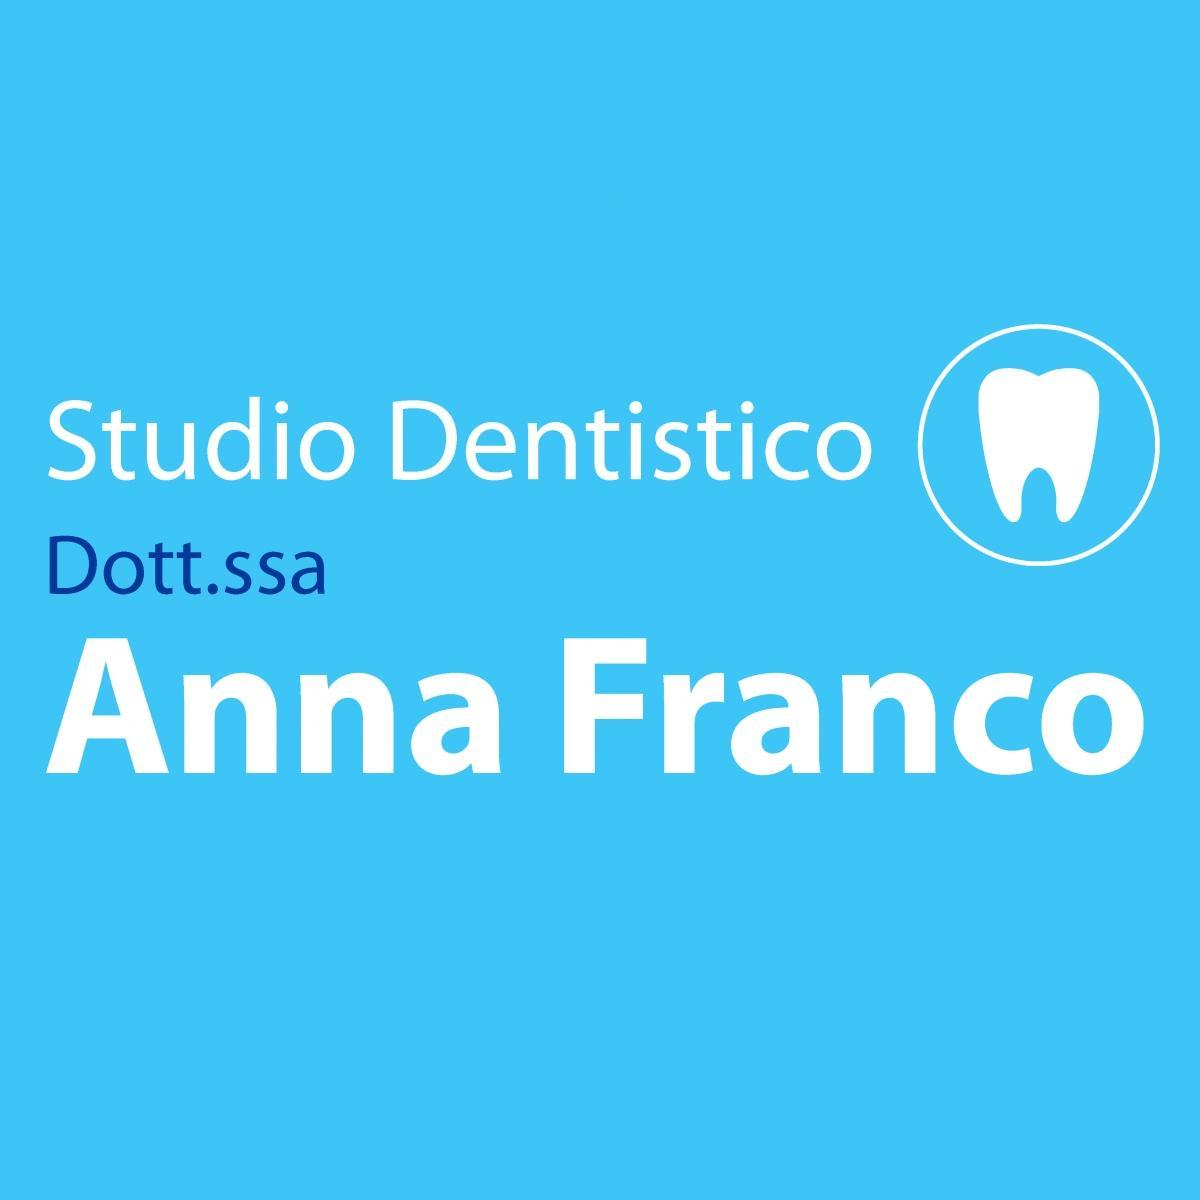 Studio Dentistico Dott.ssa Anna Franco - Sassari